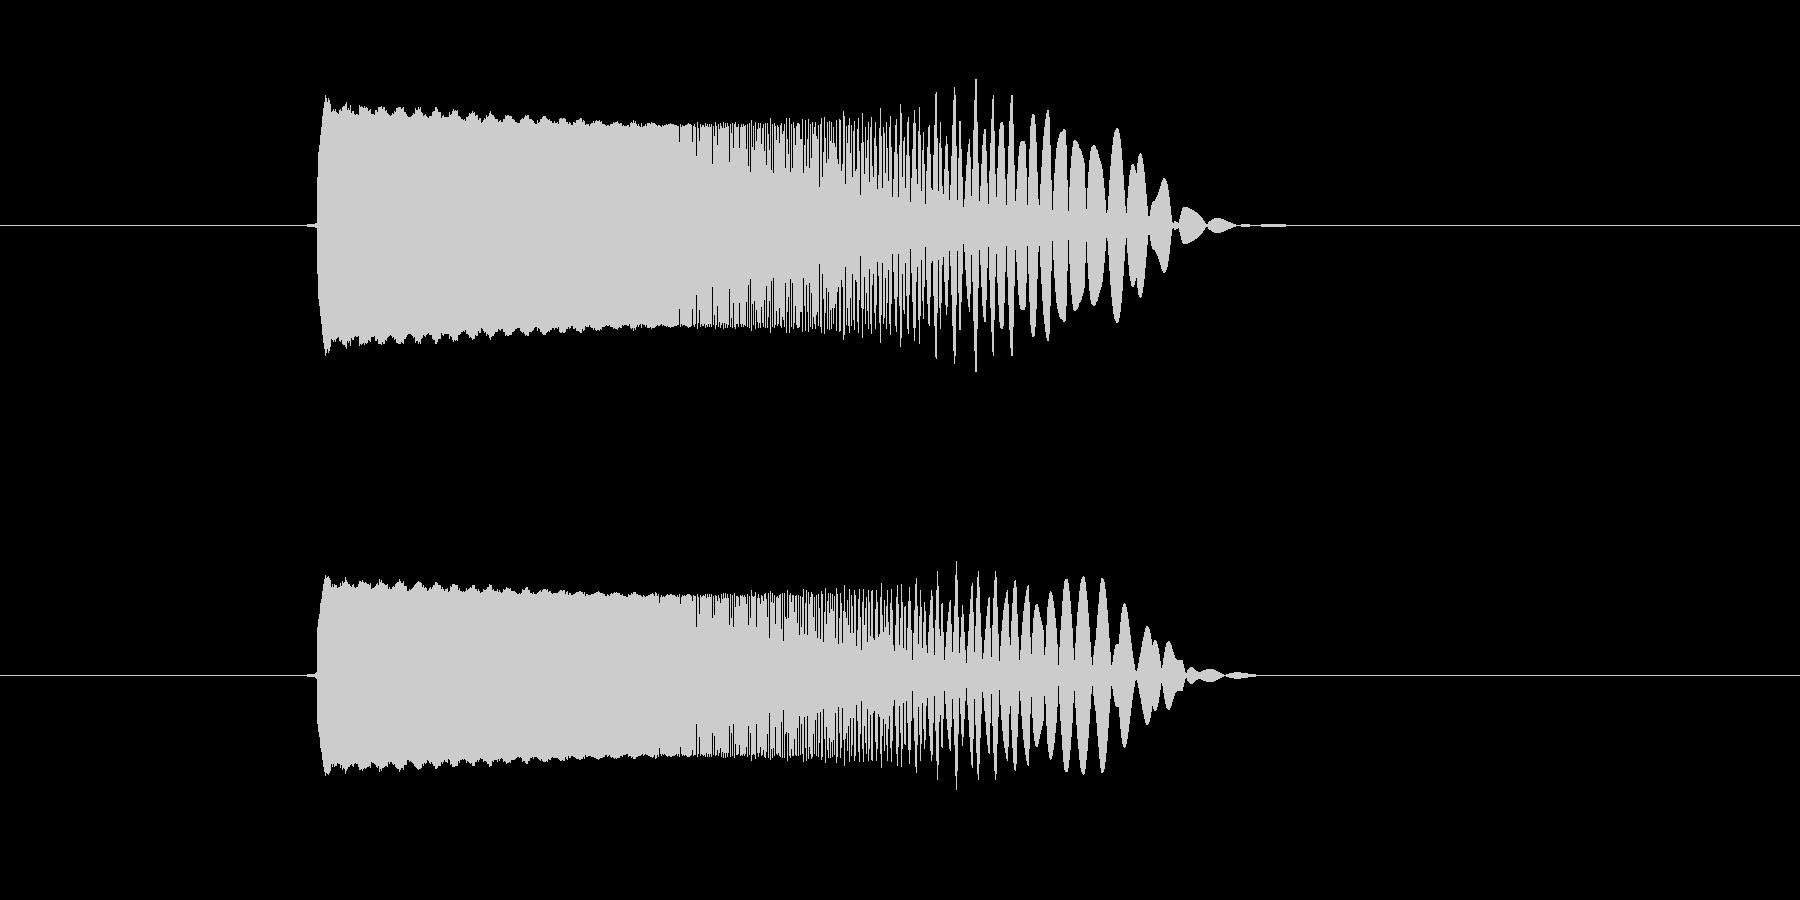 ピュルルル(スピード感のあるビーム音)の未再生の波形